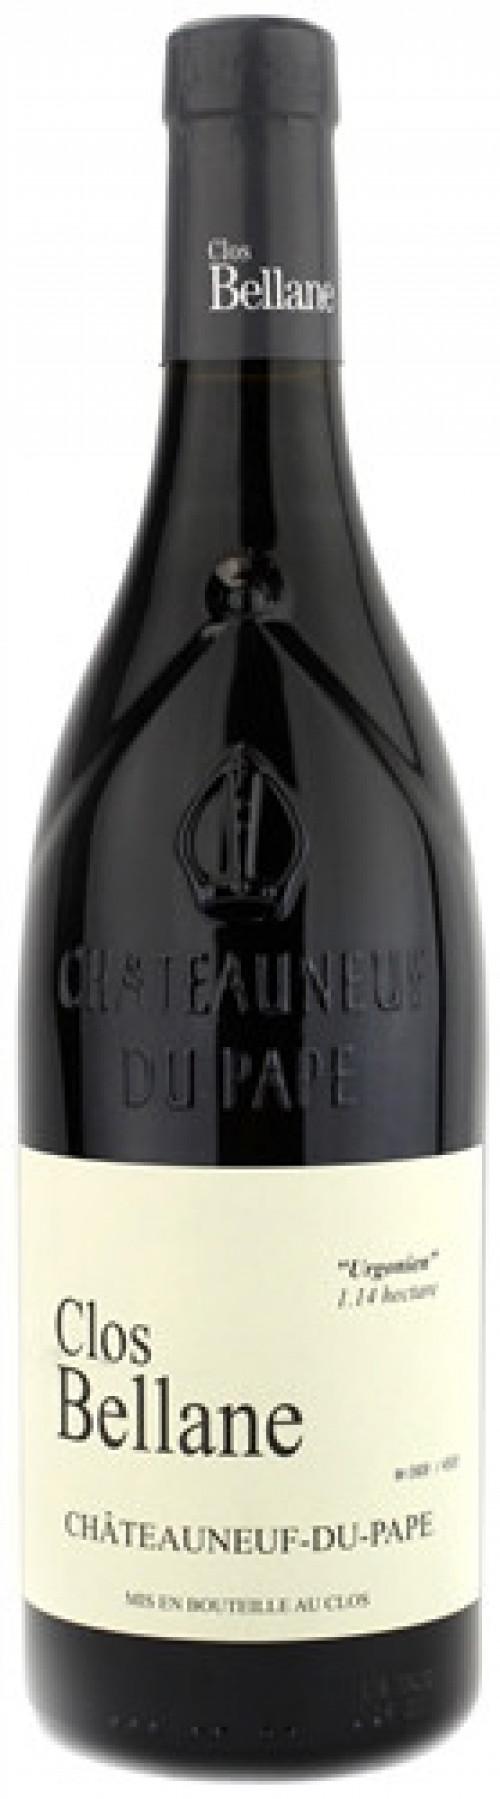 2017 Clos Bellane Urgonien Chateauneuf-du-Pape 750ml